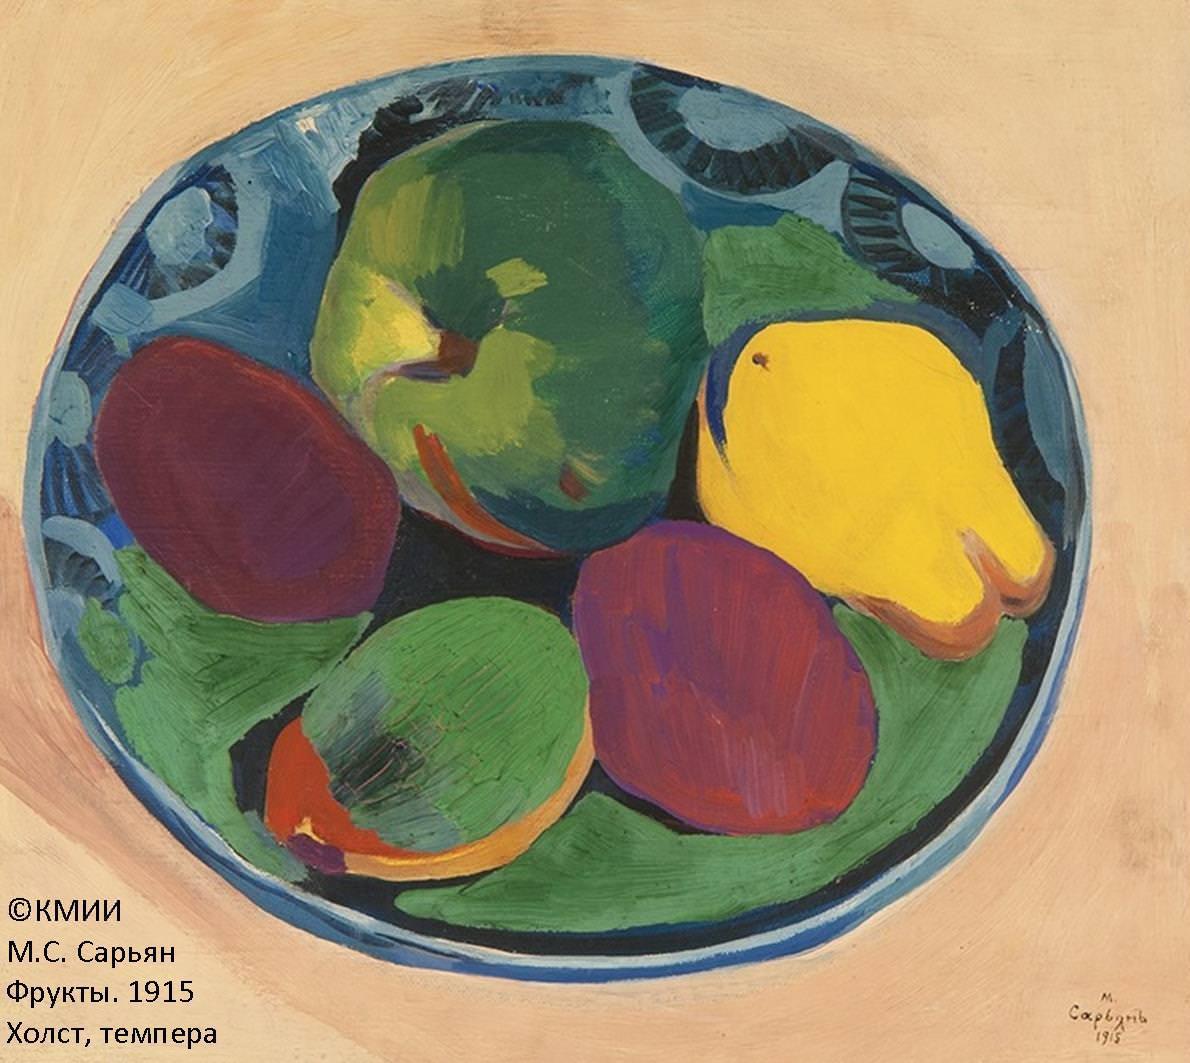 Выставка одной картины « М.С. Сарьян «Фрукты»»